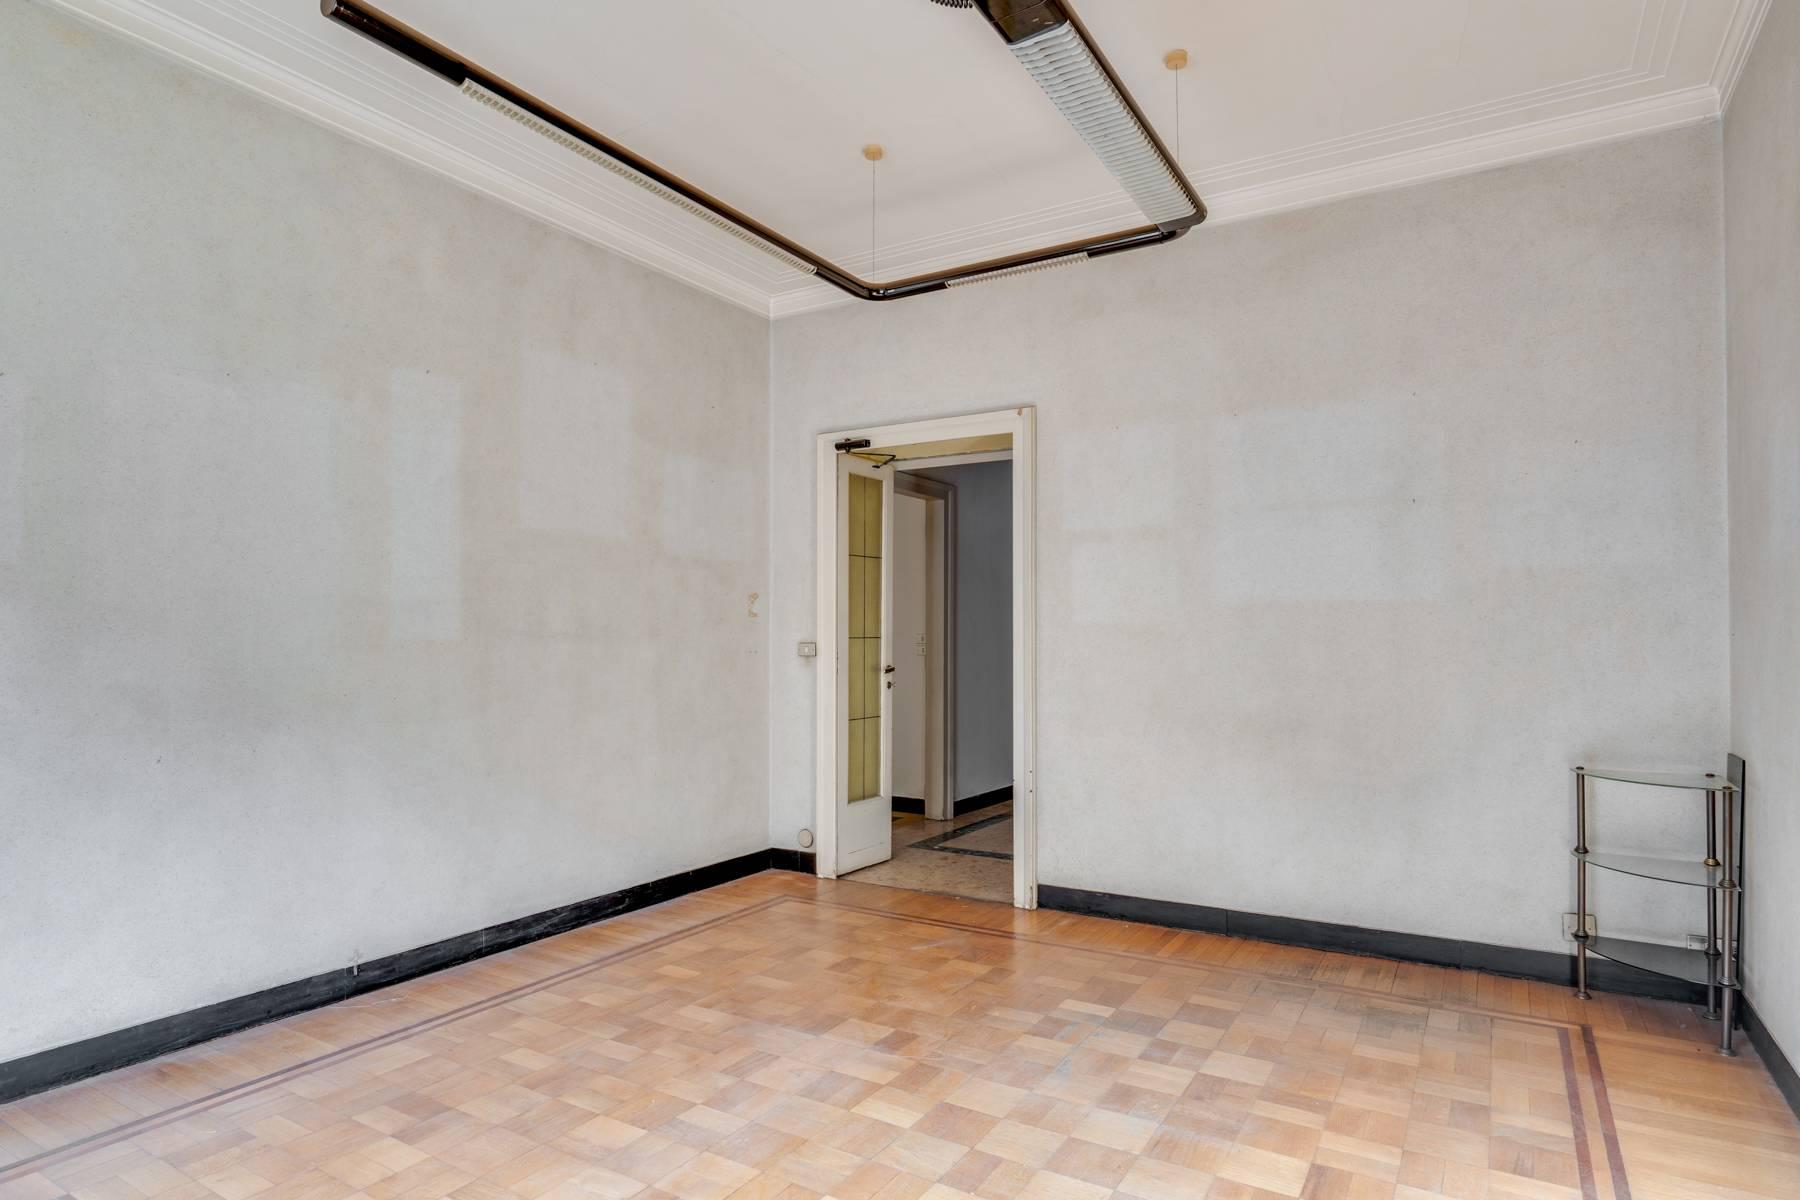 Ufficio-studio in Vendita a Torino: 3 locali, 140 mq - Foto 5